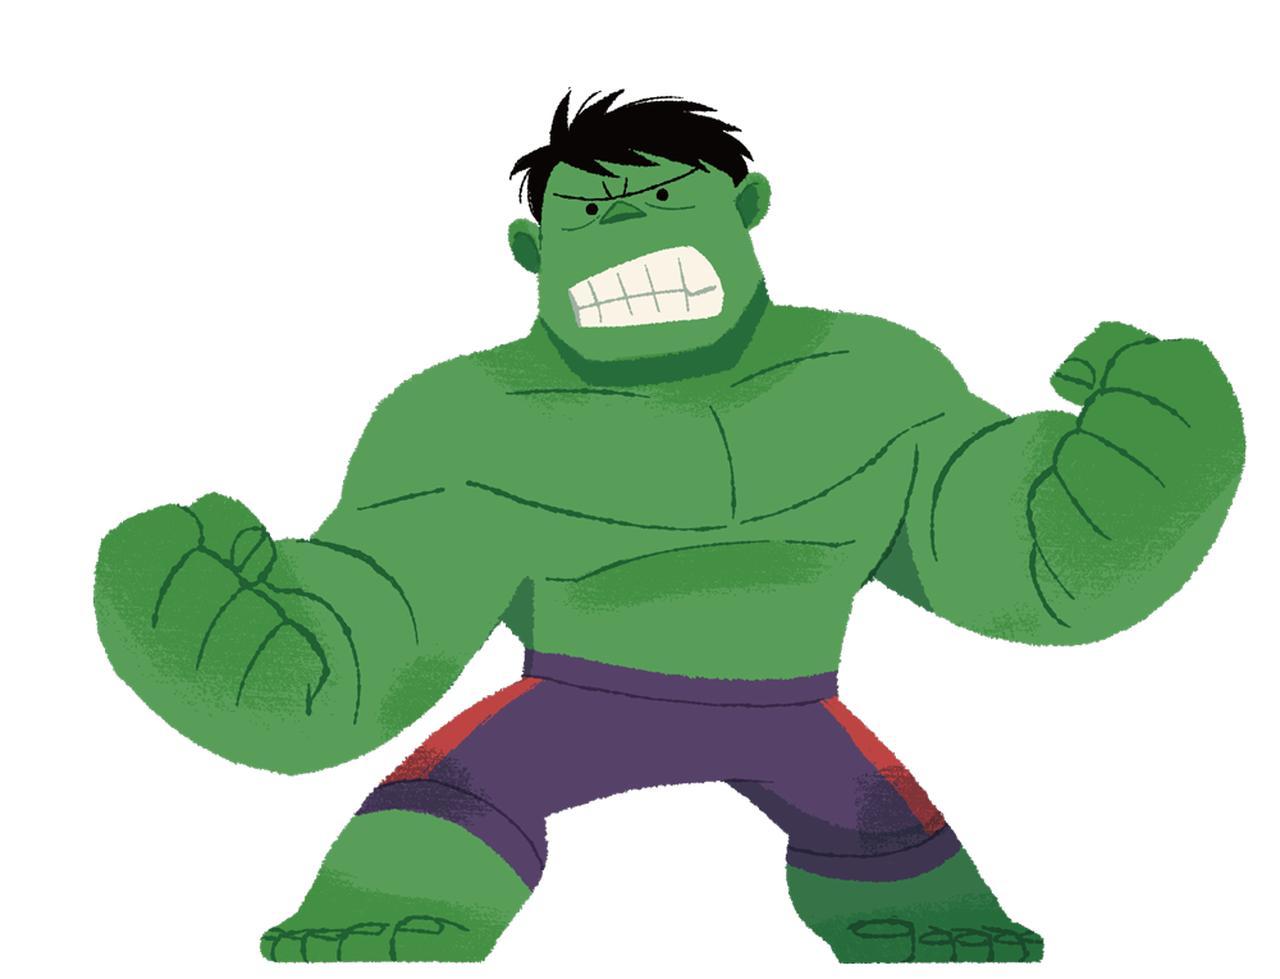 画像: 巨大なハルクは怒りの化身だけど、点目にすることでかわいらしさアップ。強かわいいって最強じゃない?